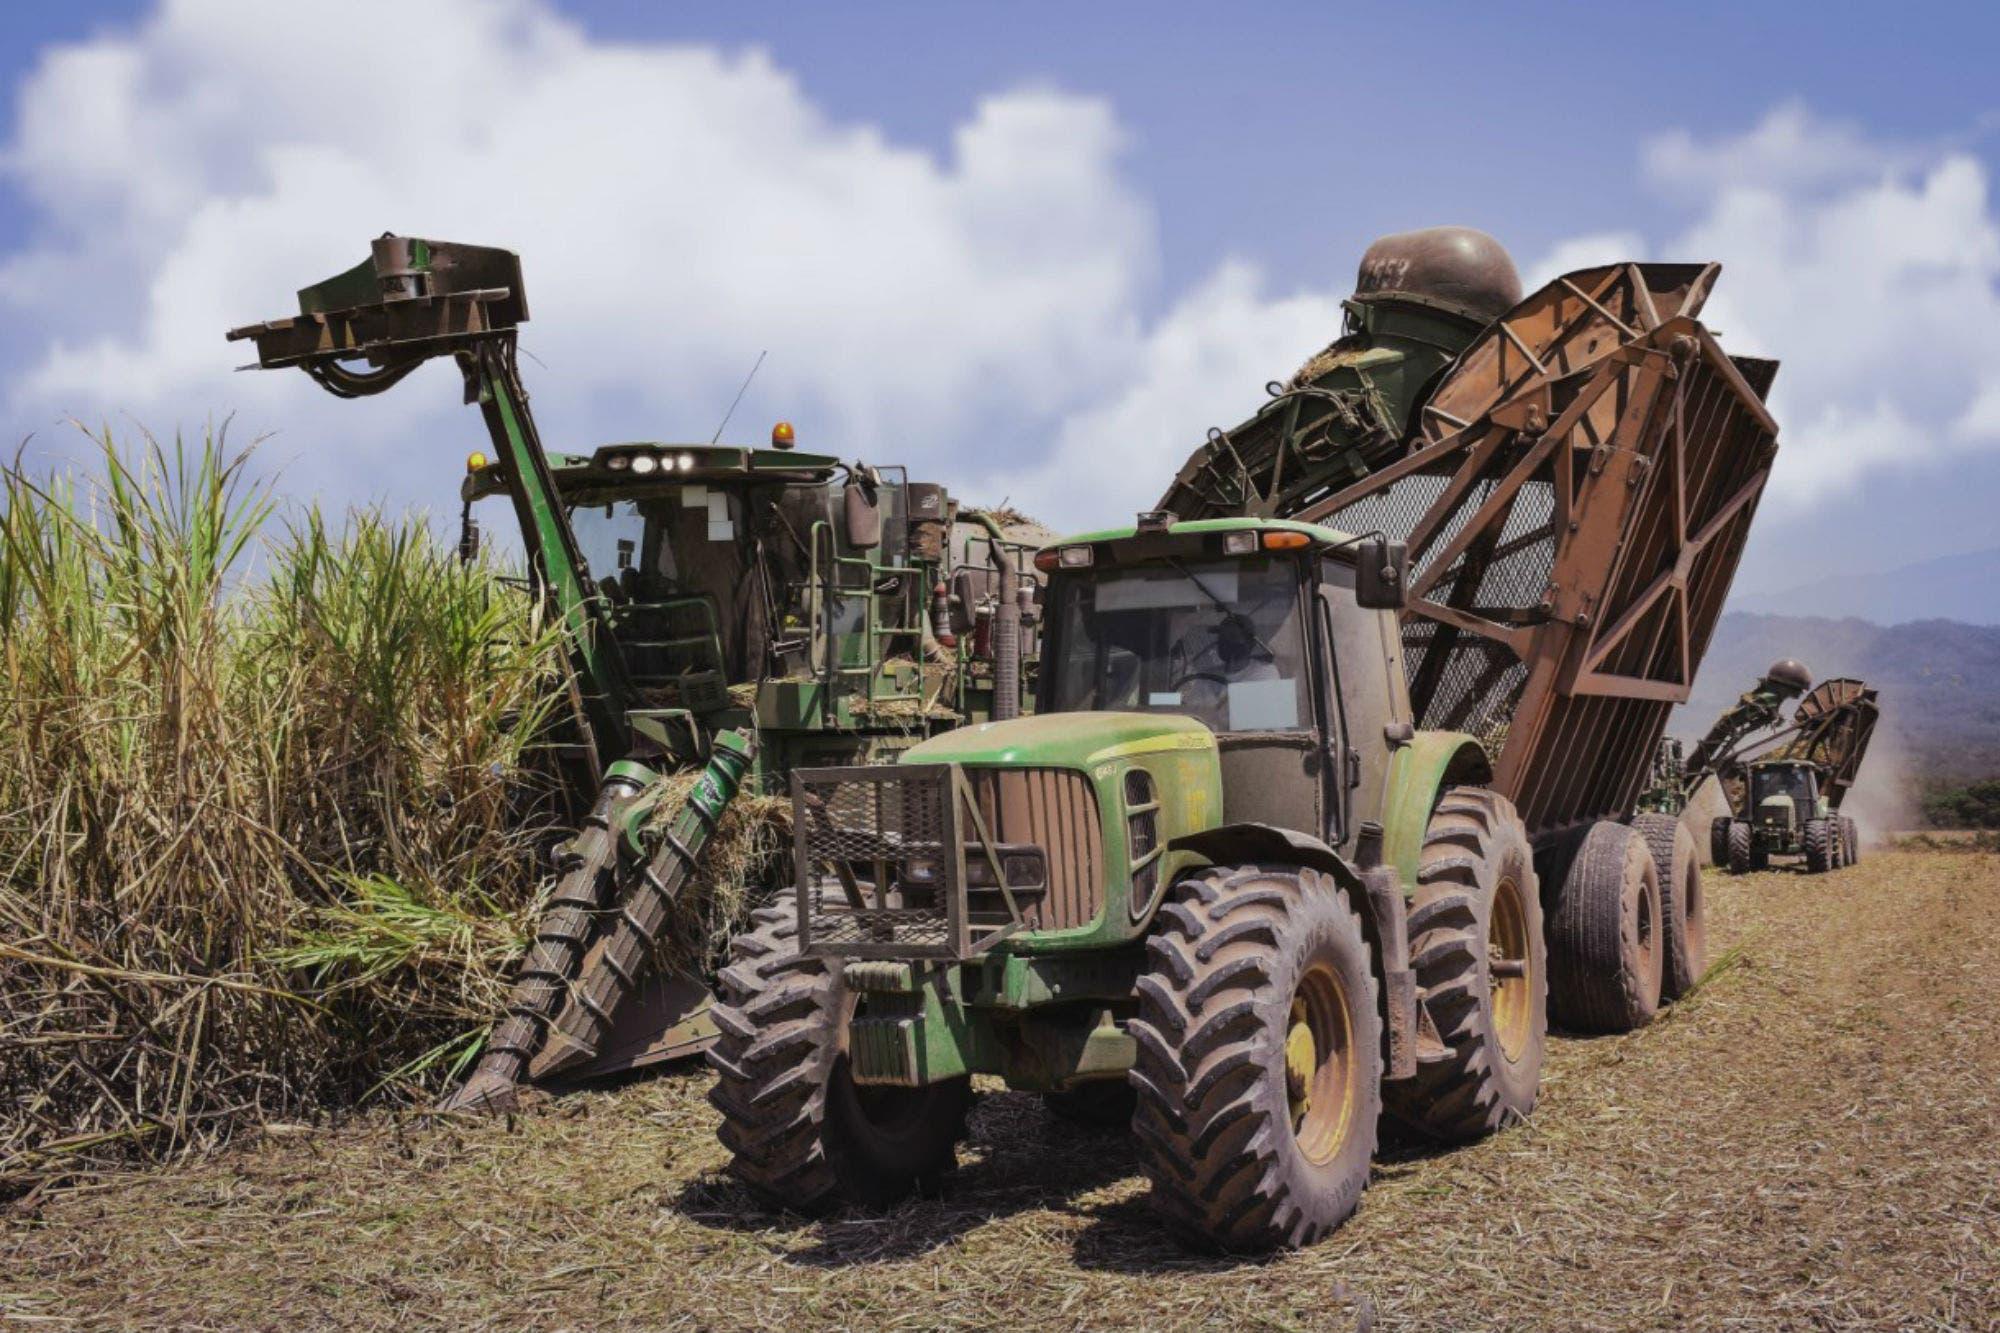 Energía renovable: una empresa azucarera invertirá US$10 millones